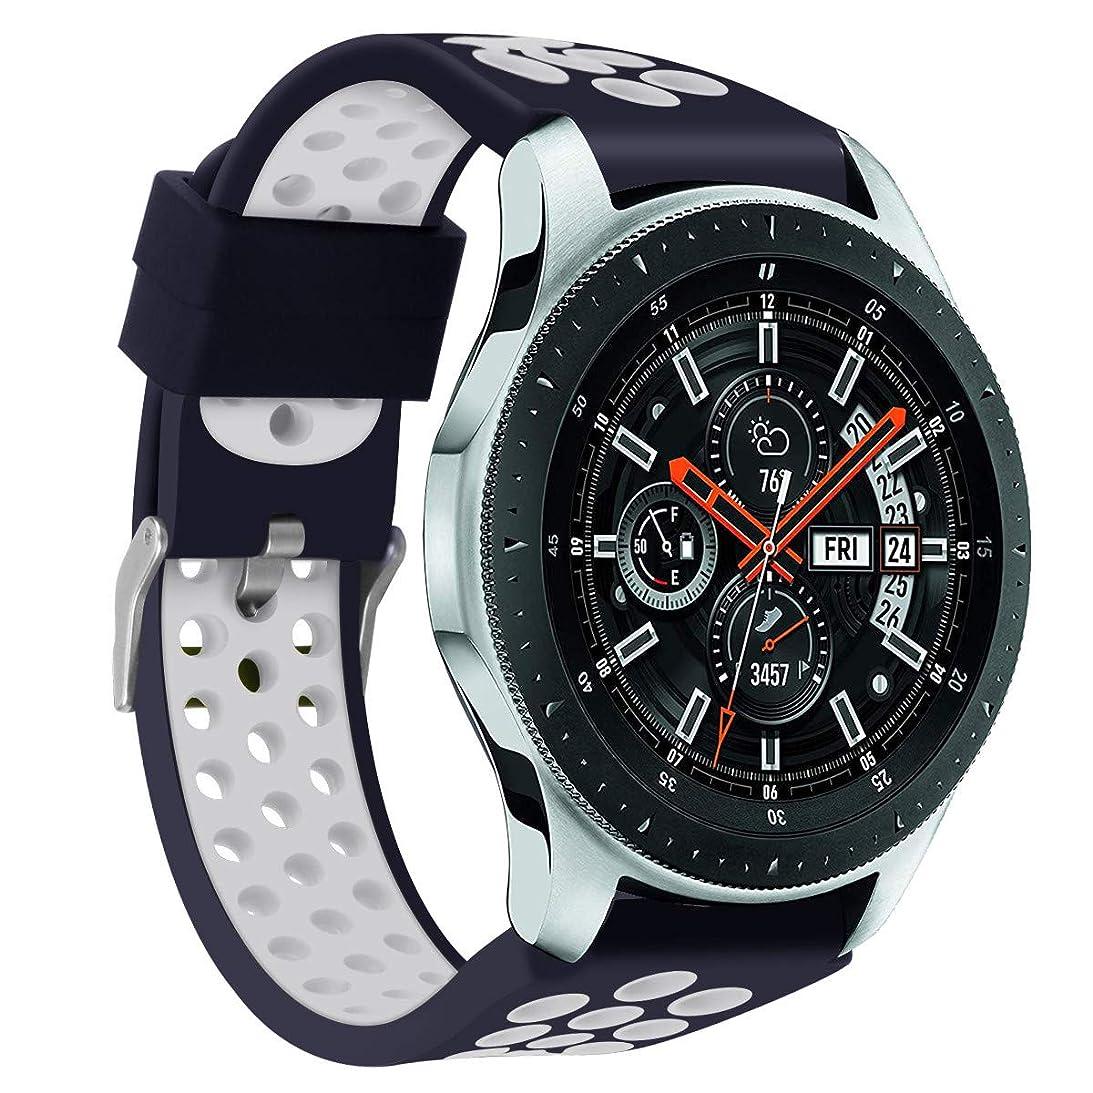 住居些細魔術Jurben for Samsung Galaxy Watch 46mm 腕時計バンド 時計バンド シリコーンブレスレットストラップバンド2トーンスポーツウォッチ交換バンドウォッチアクセサリー